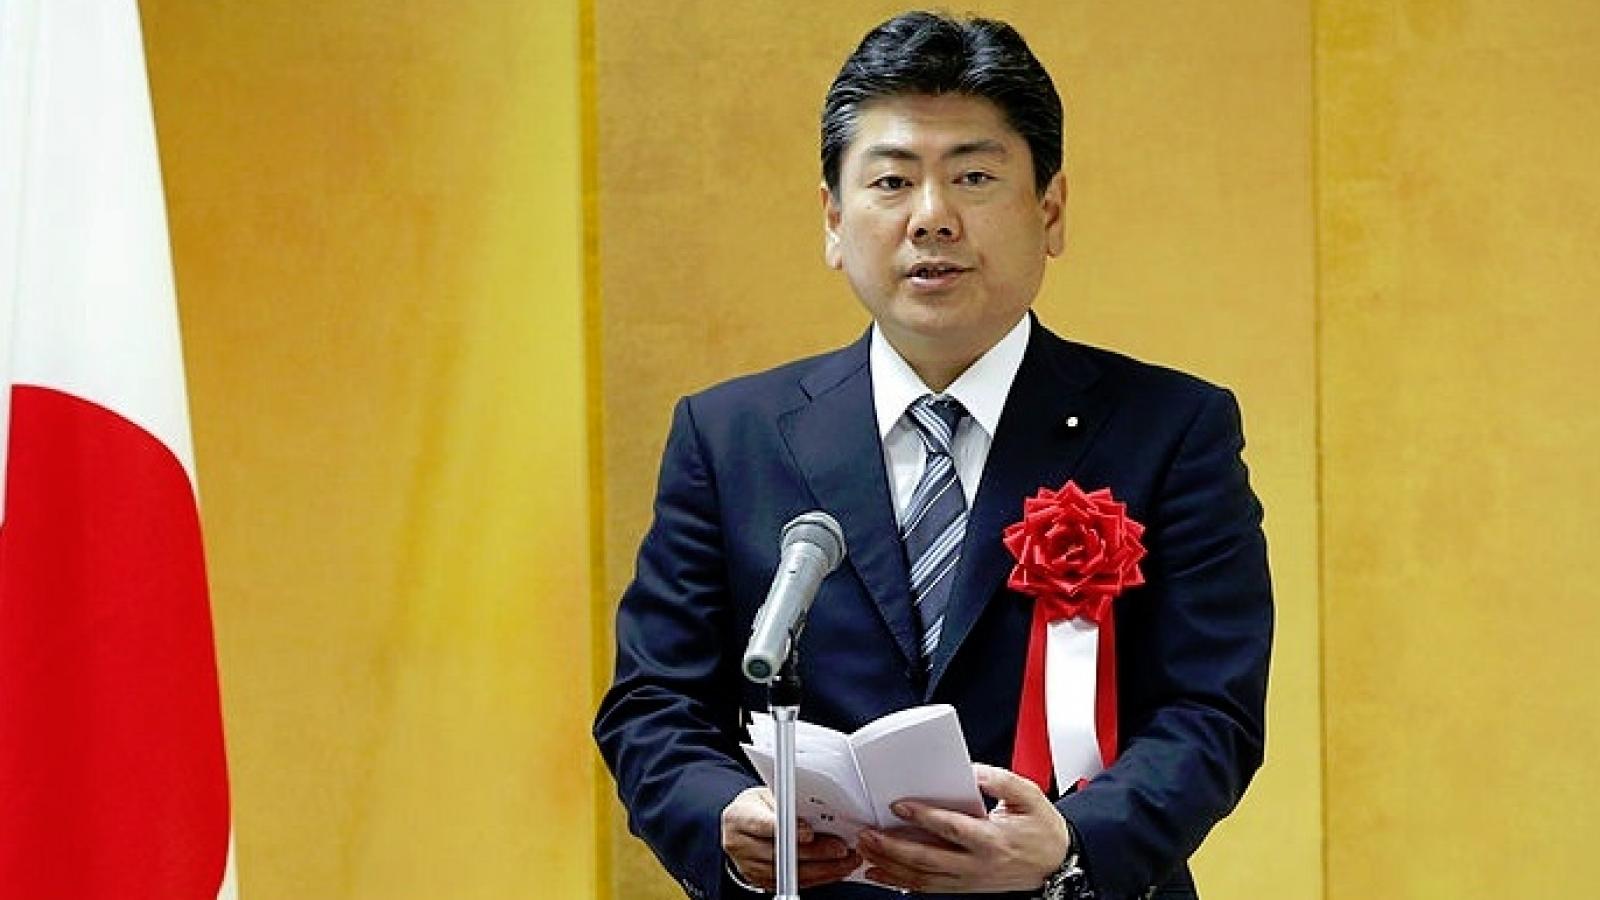 Các nhà lập pháp Nhật Bản tuyên bố tình trạng khẩn cấp khí hậu